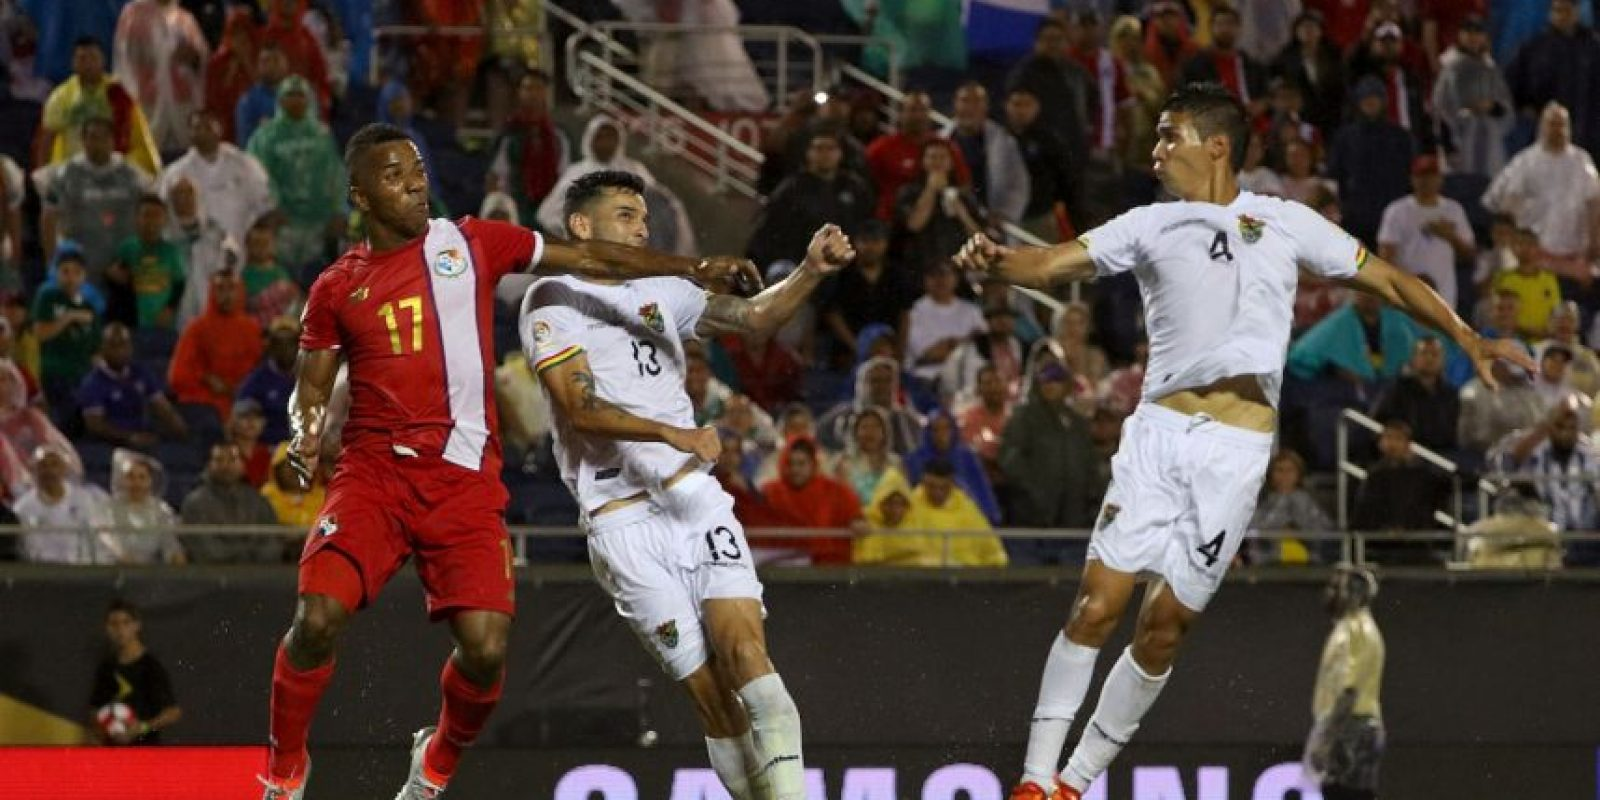 Bolivia comenzó con el pie izquierdo su participación en la Copa América Centenario y cayó por 2 a 1 ante Bolivia, por lo que querrá sumar puntos para quedar con opciones de avanzar a cuartos de final Foto:Getty Images